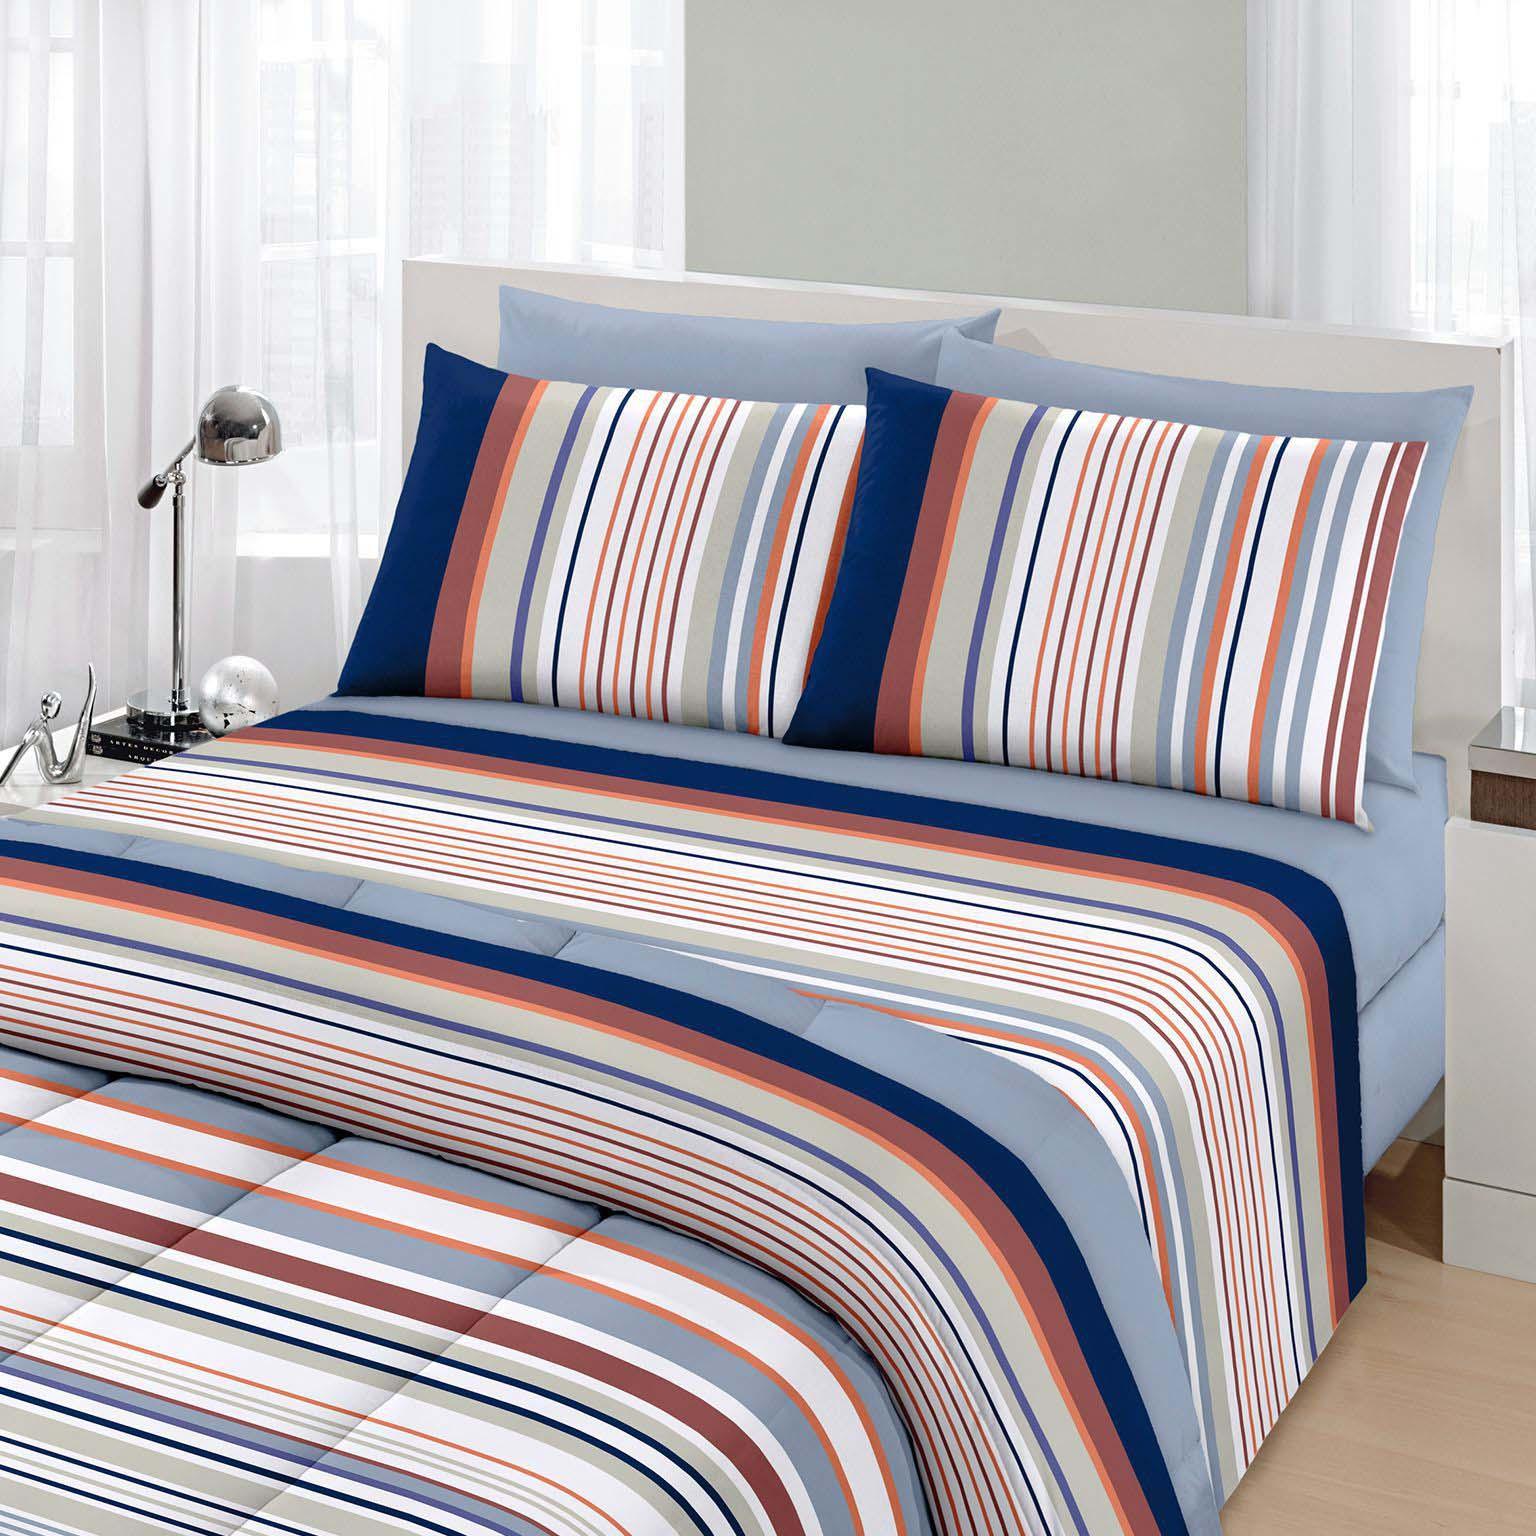 Jogo de cama solteiro Royal Lionel 1 100% algodão estampado Listrado - Santista